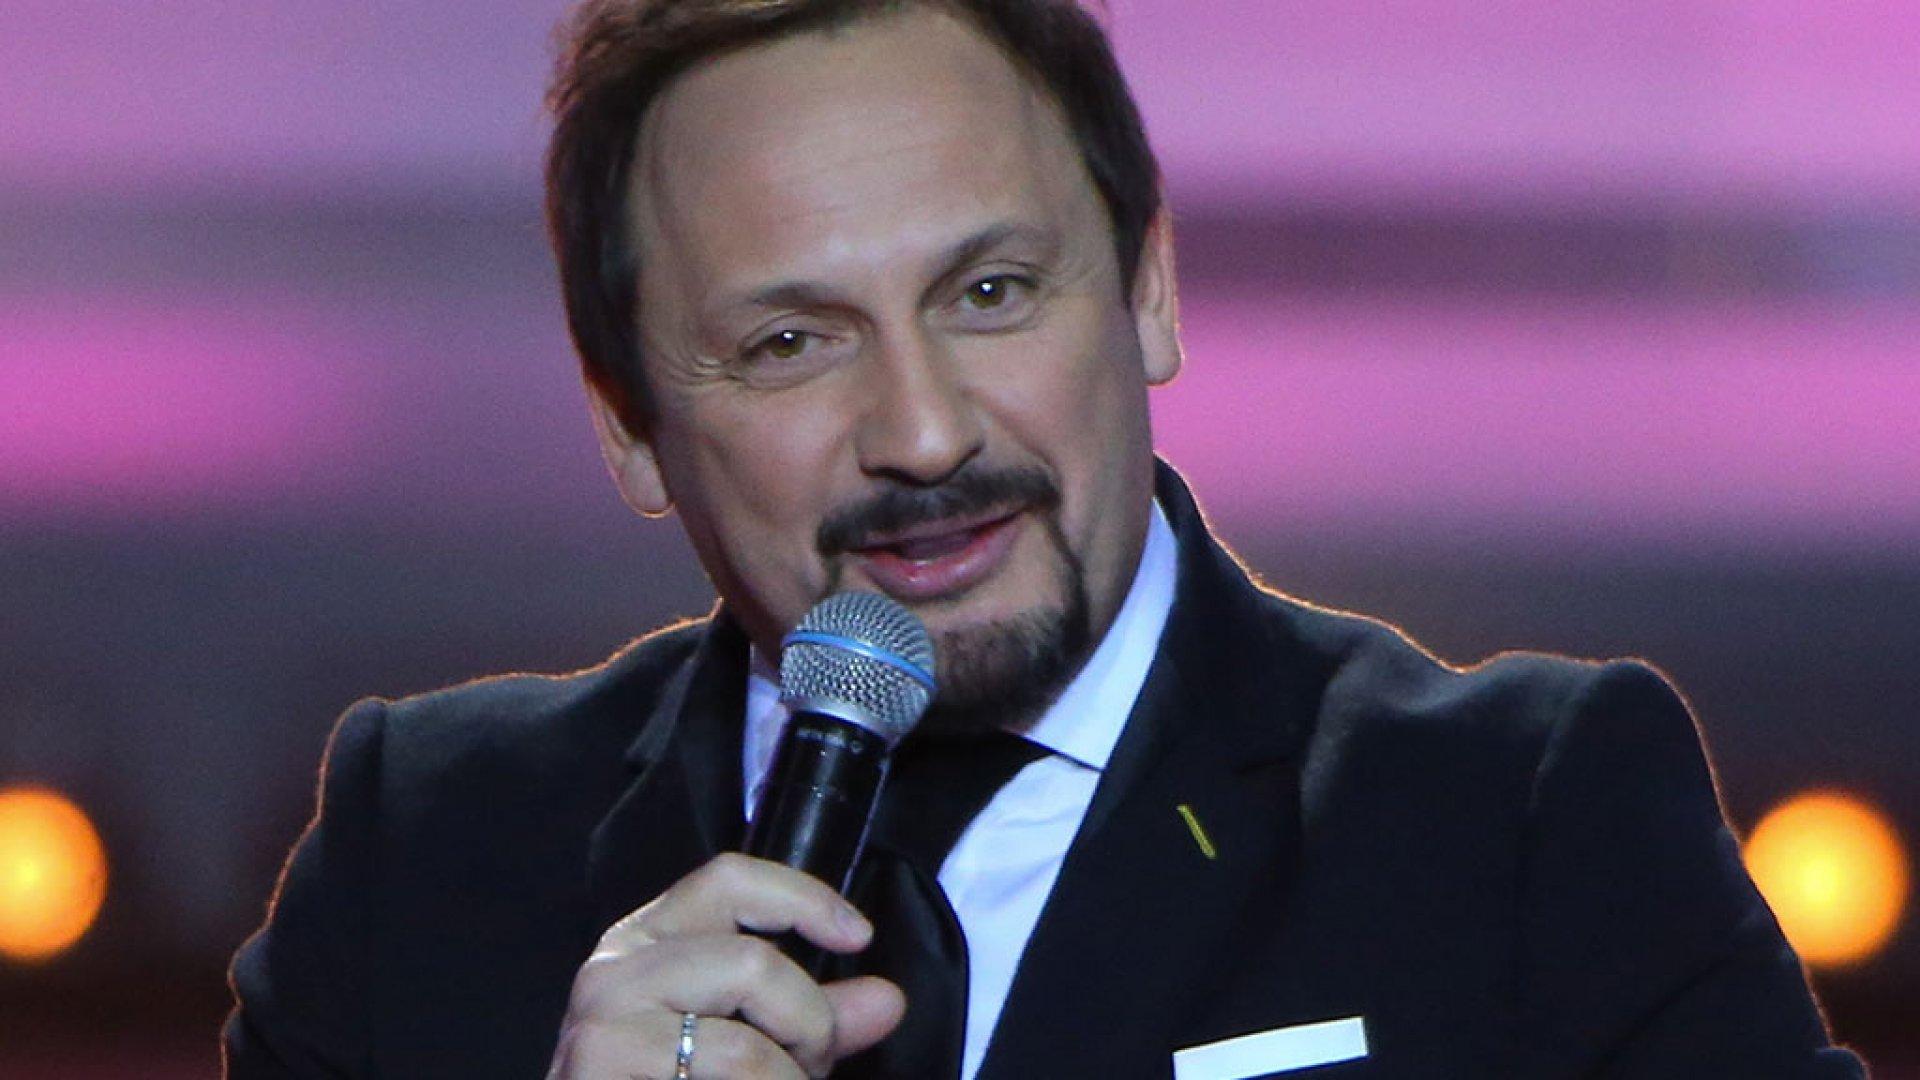 Список российских певцов фото, Список звезд российской эстрады. Исполнители, группы 23 фотография